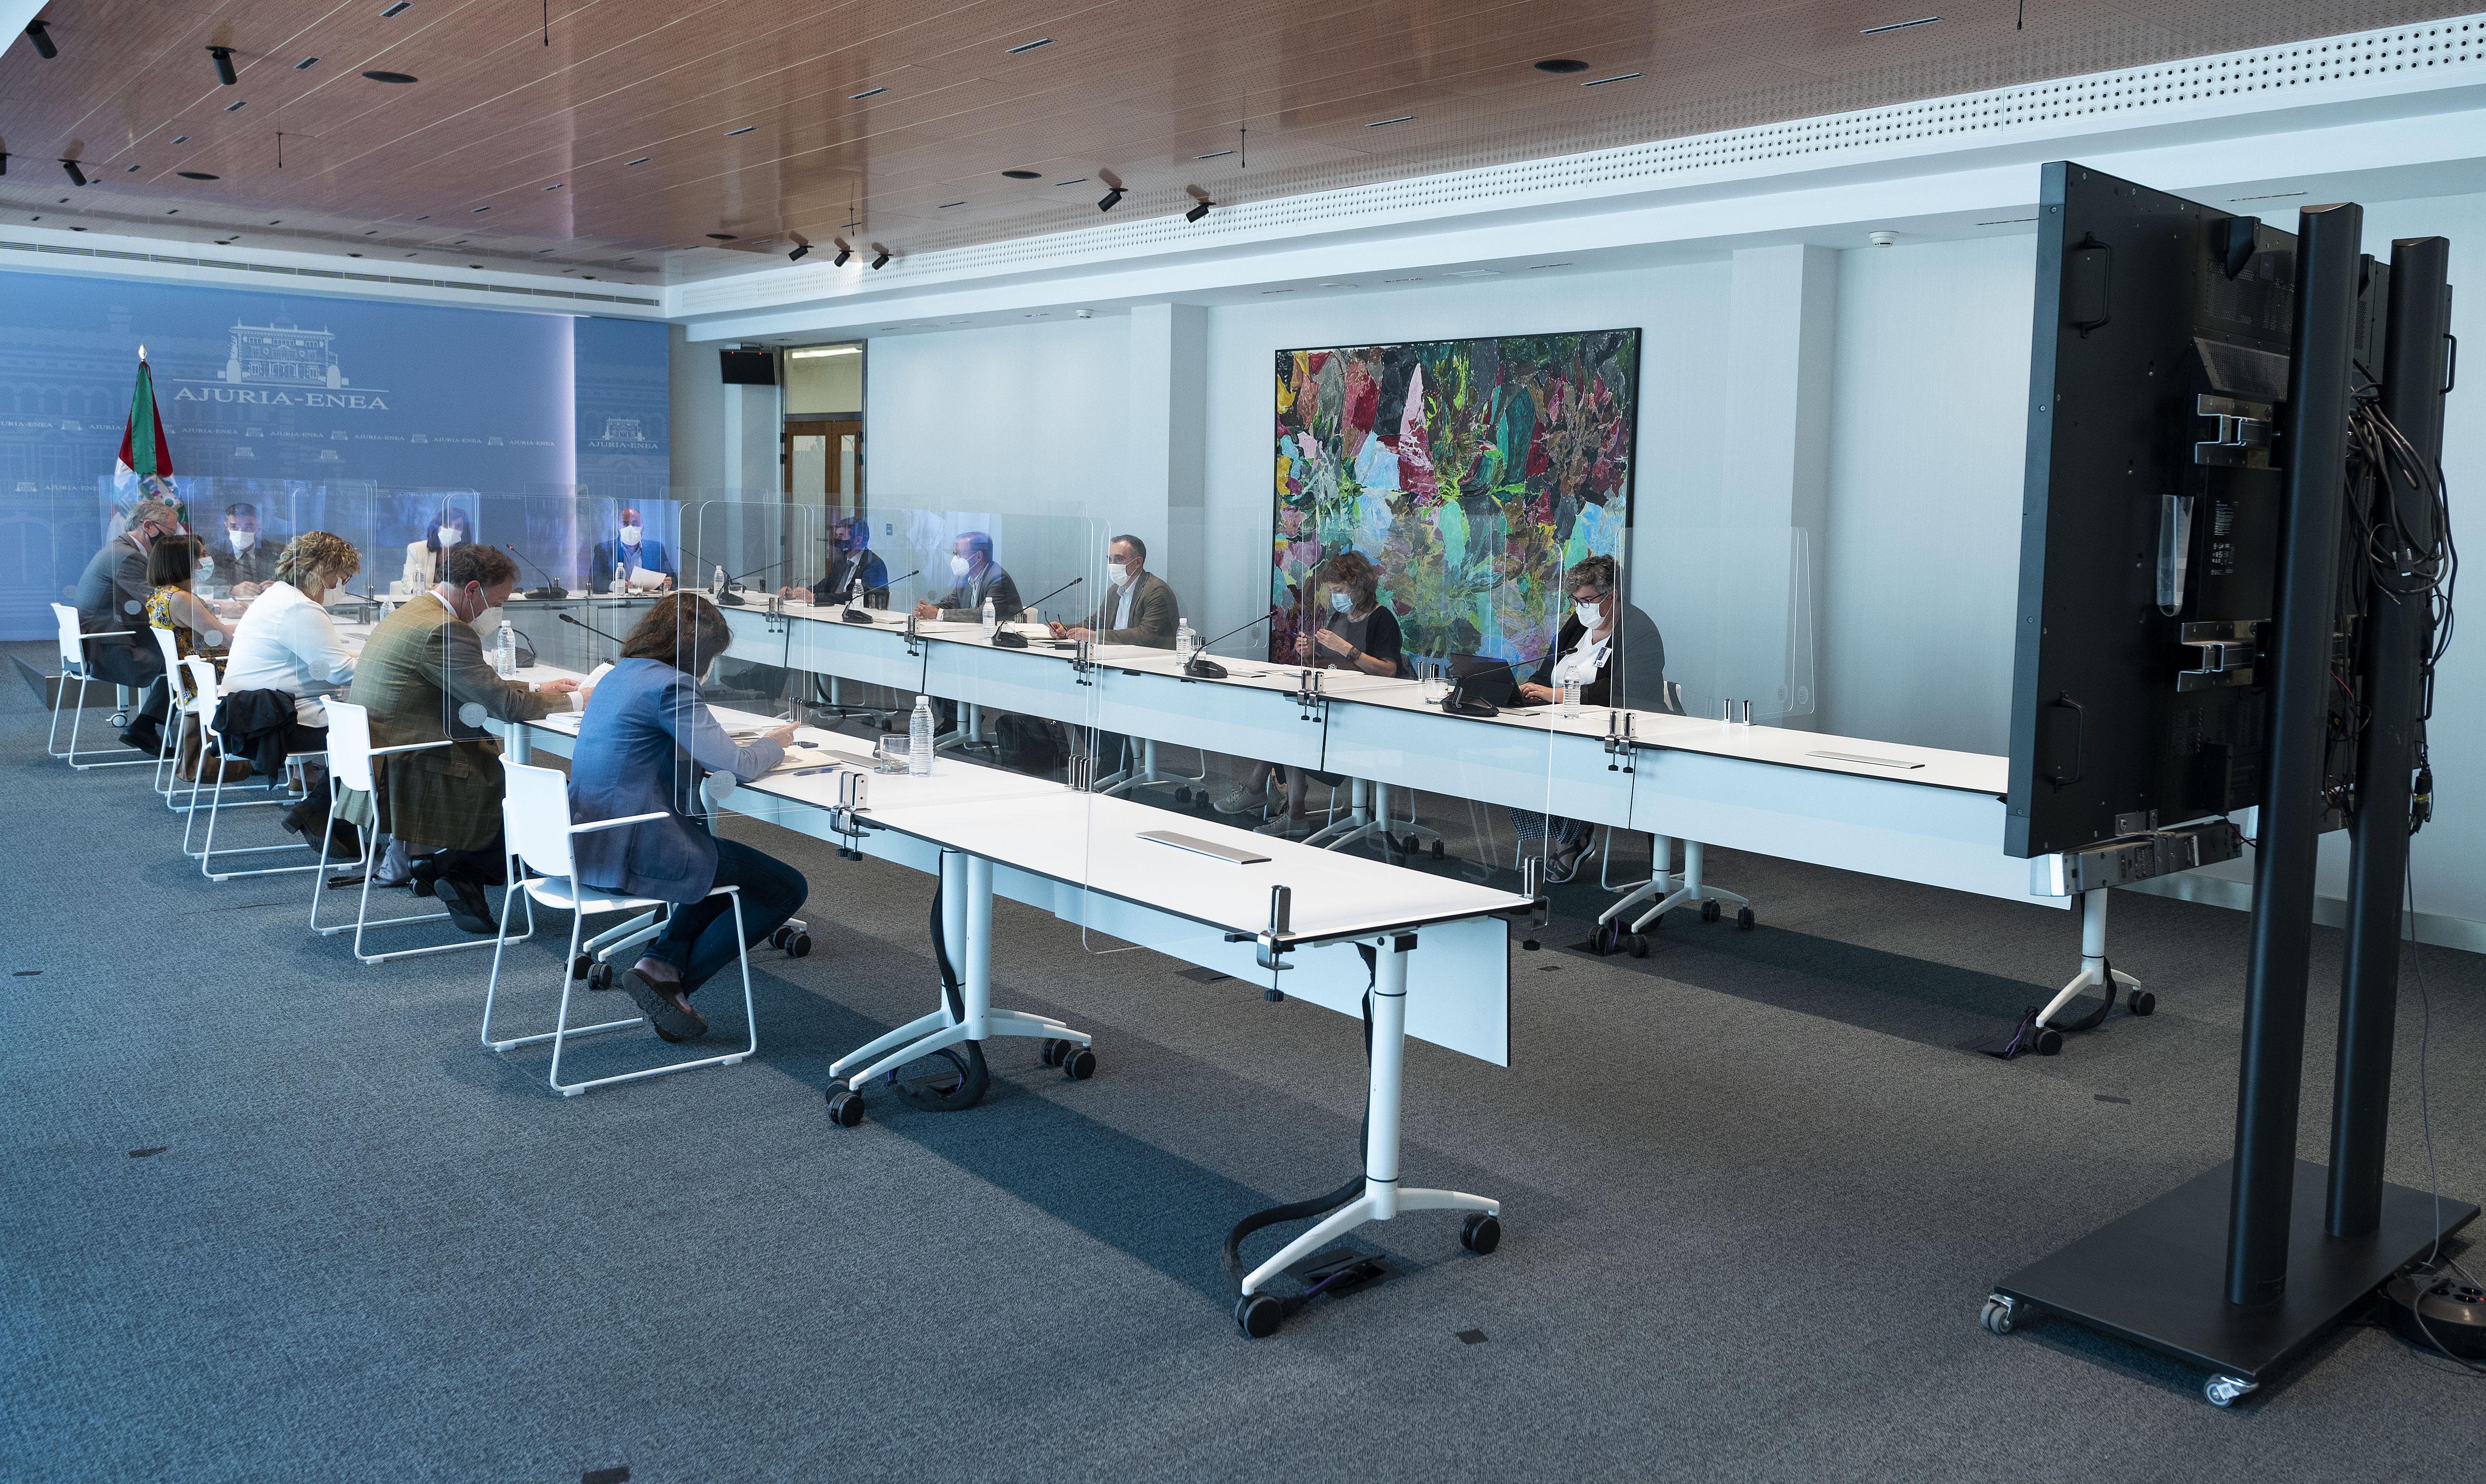 Gobierno Vasco, Diputaciones Forales y EUDEL ponen en común la Estrategia Euskarri para la inclusión sociolaboral de menores y jóvenes en situación vulnerable [1:09]